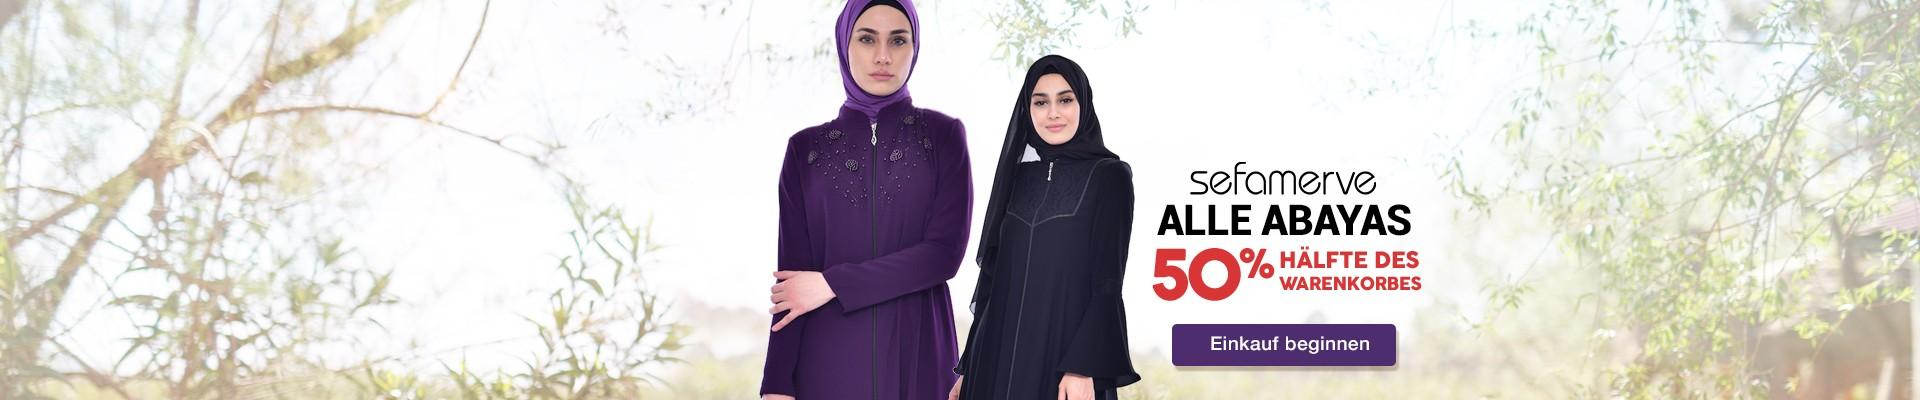 Alle Sefamerve Abayas 50% im Warenkorb